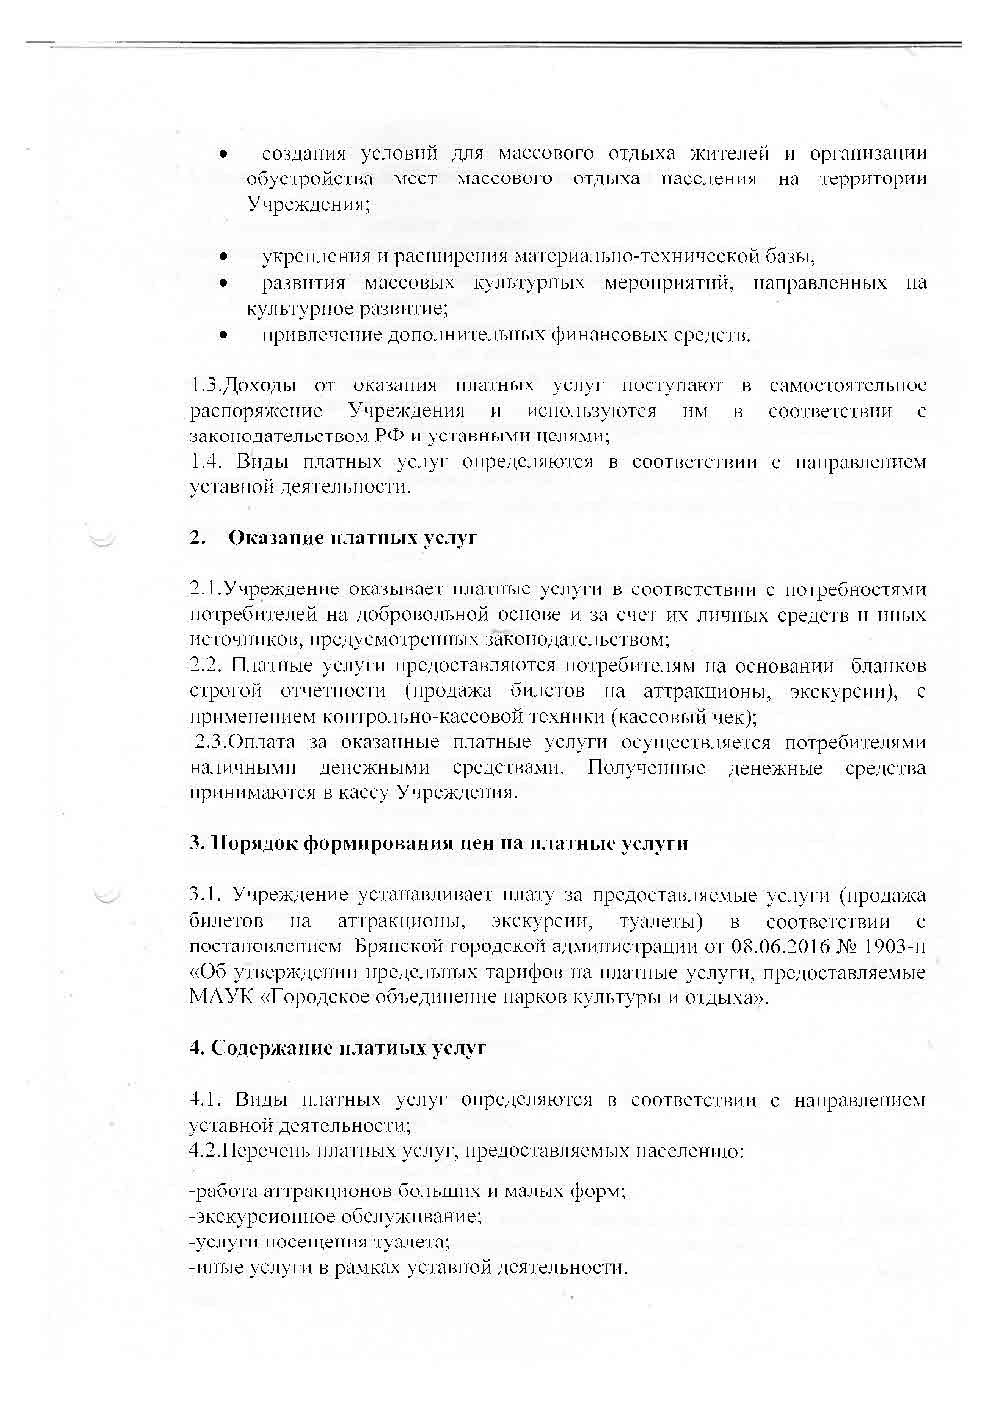 ПЛАТНЫЕ УСЛУГИ-2